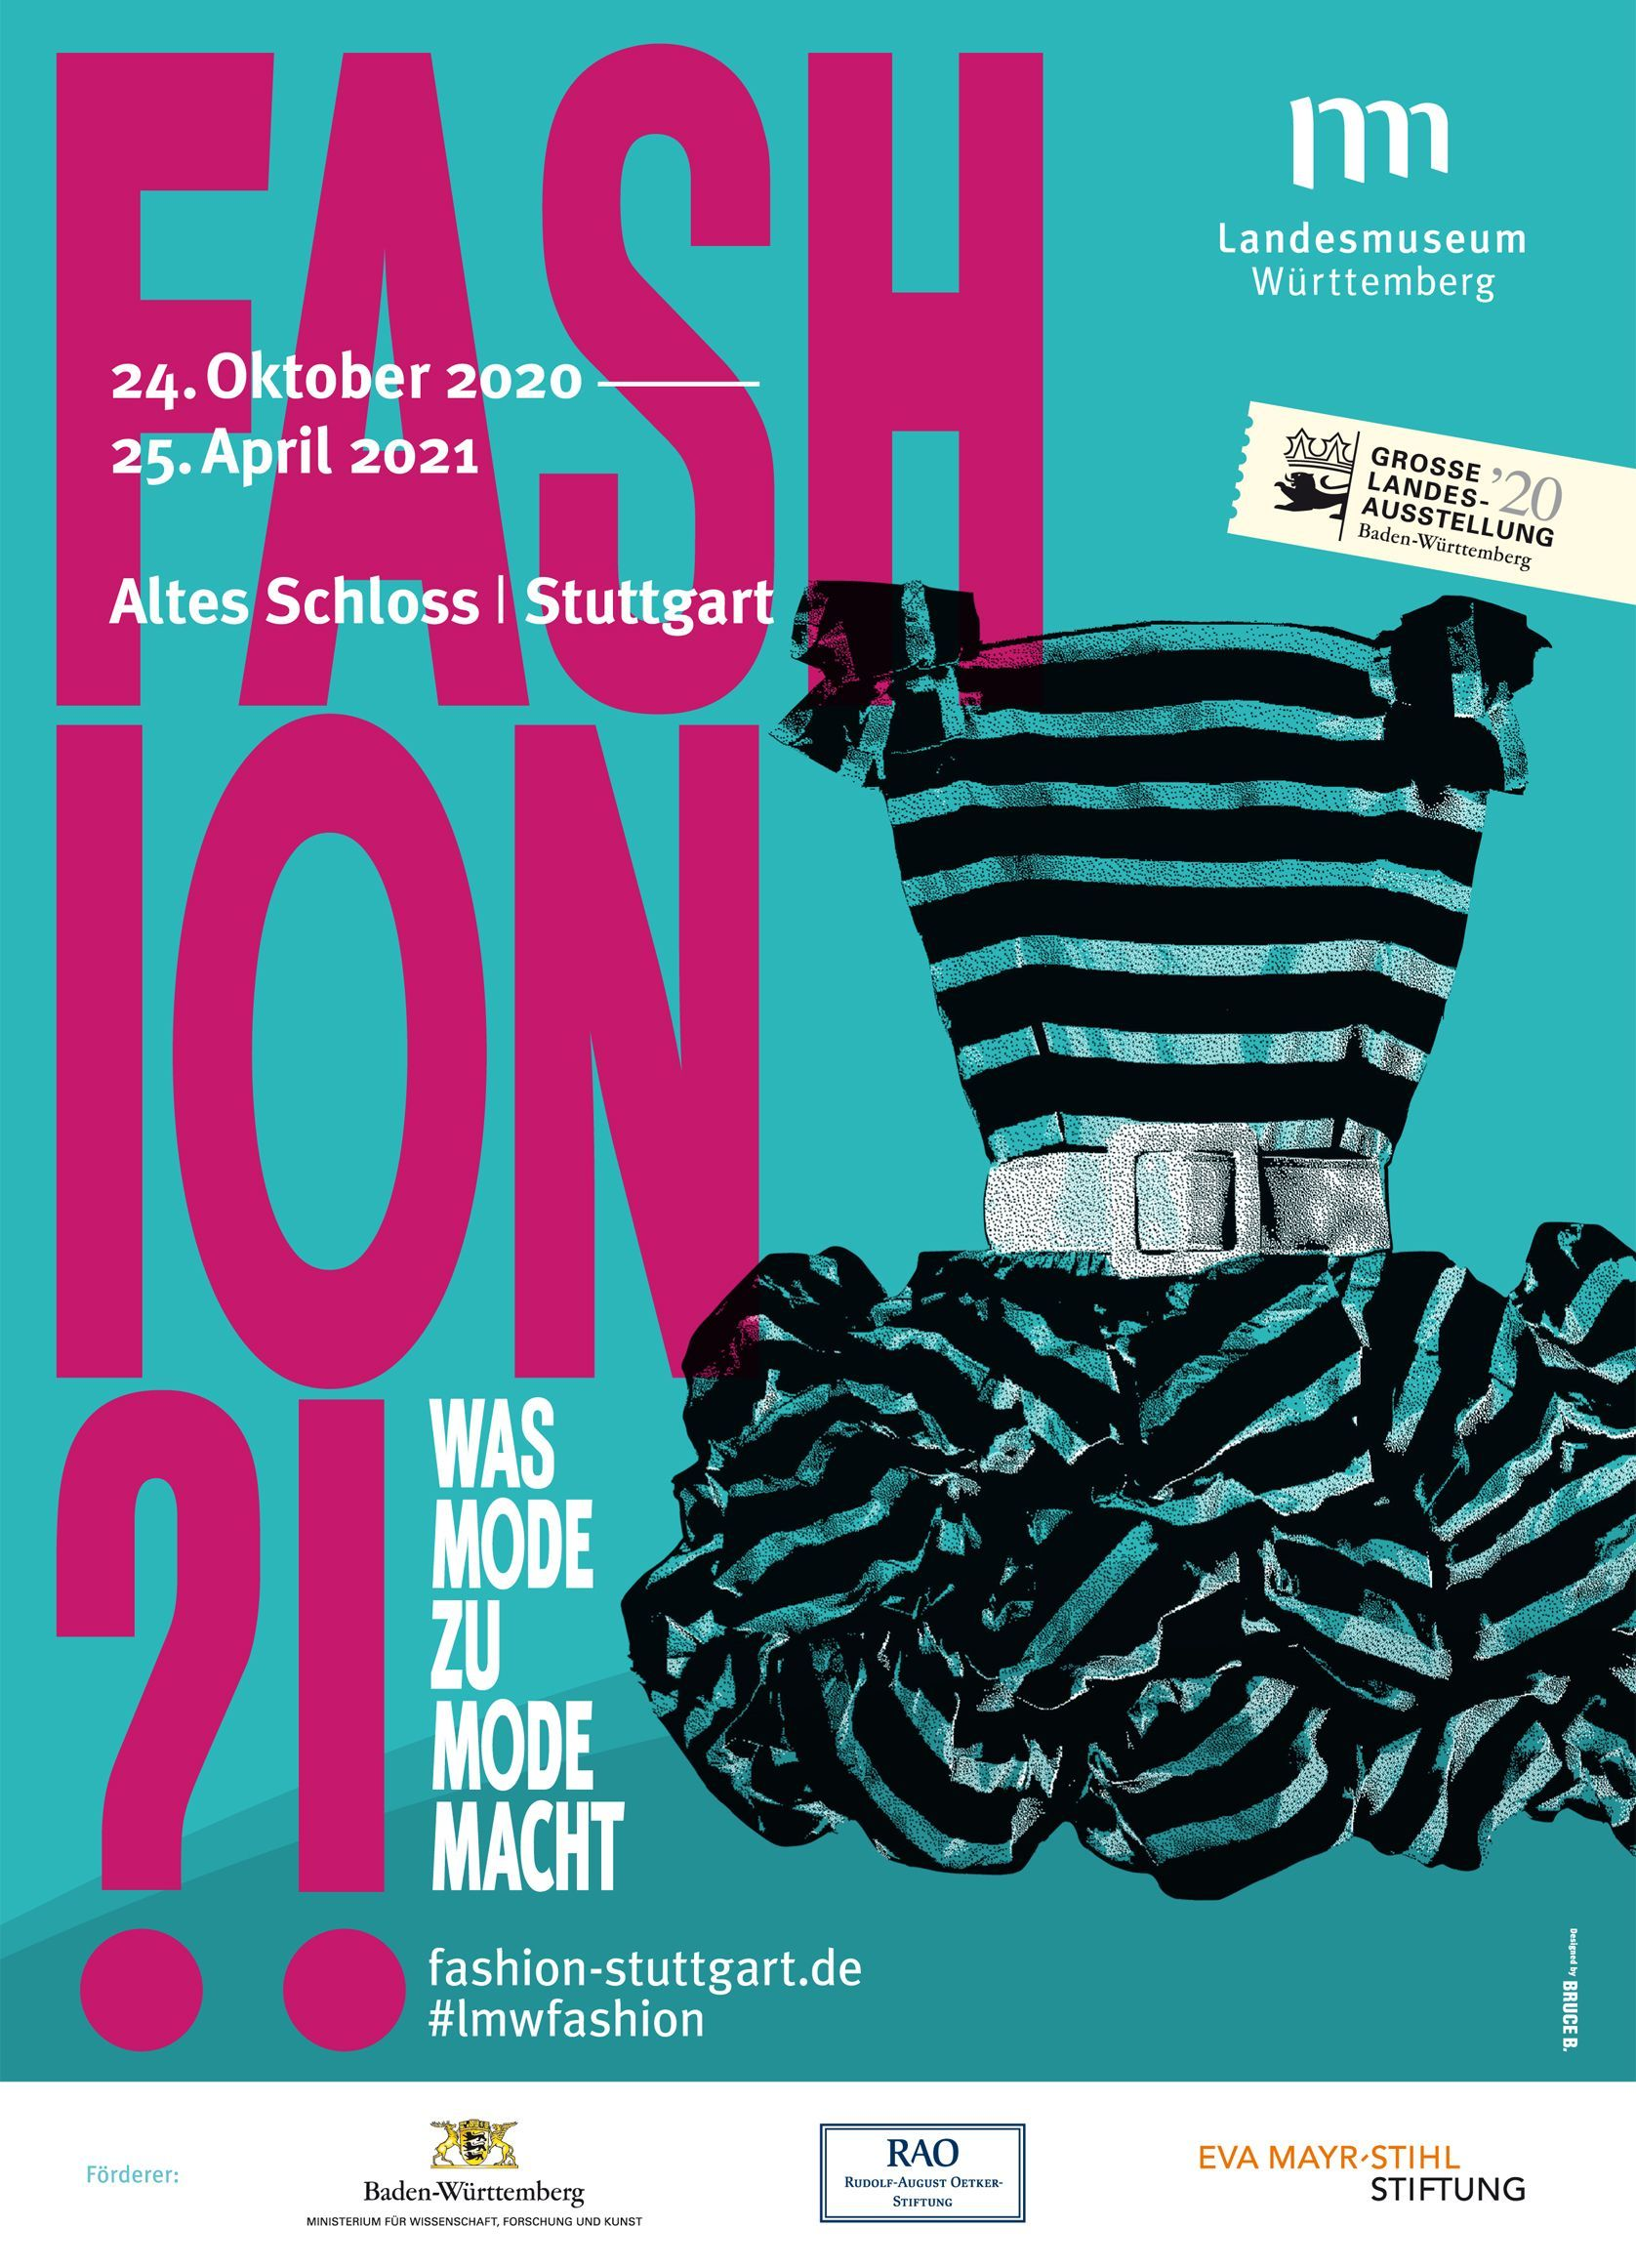 Große Landesausstellung 2020 - Fashion?! Was Mode zu Mode macht © Landesmuseum Wu¨rttemberg